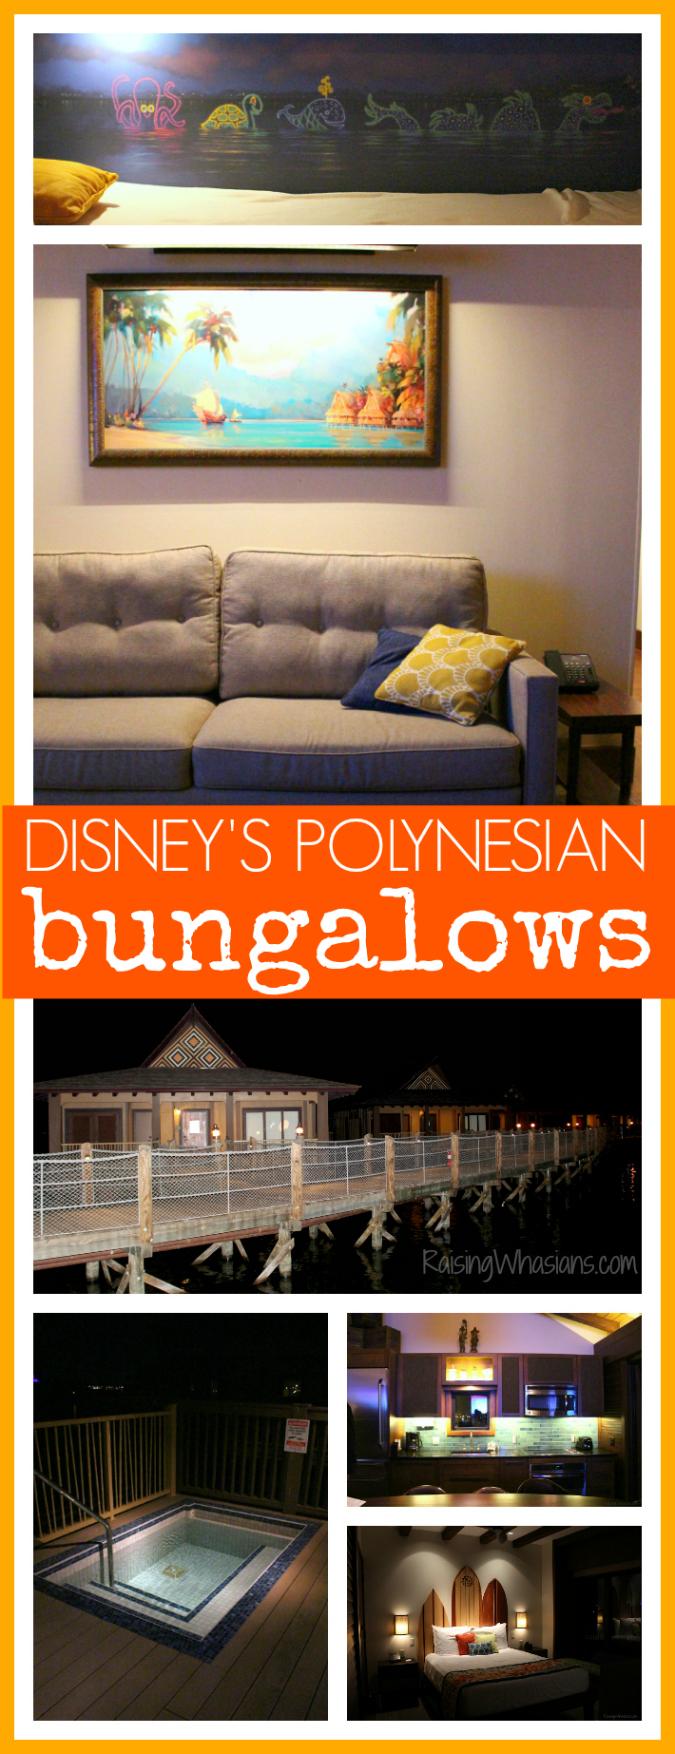 Disney's Polynesian bungalows photo tour fun facts